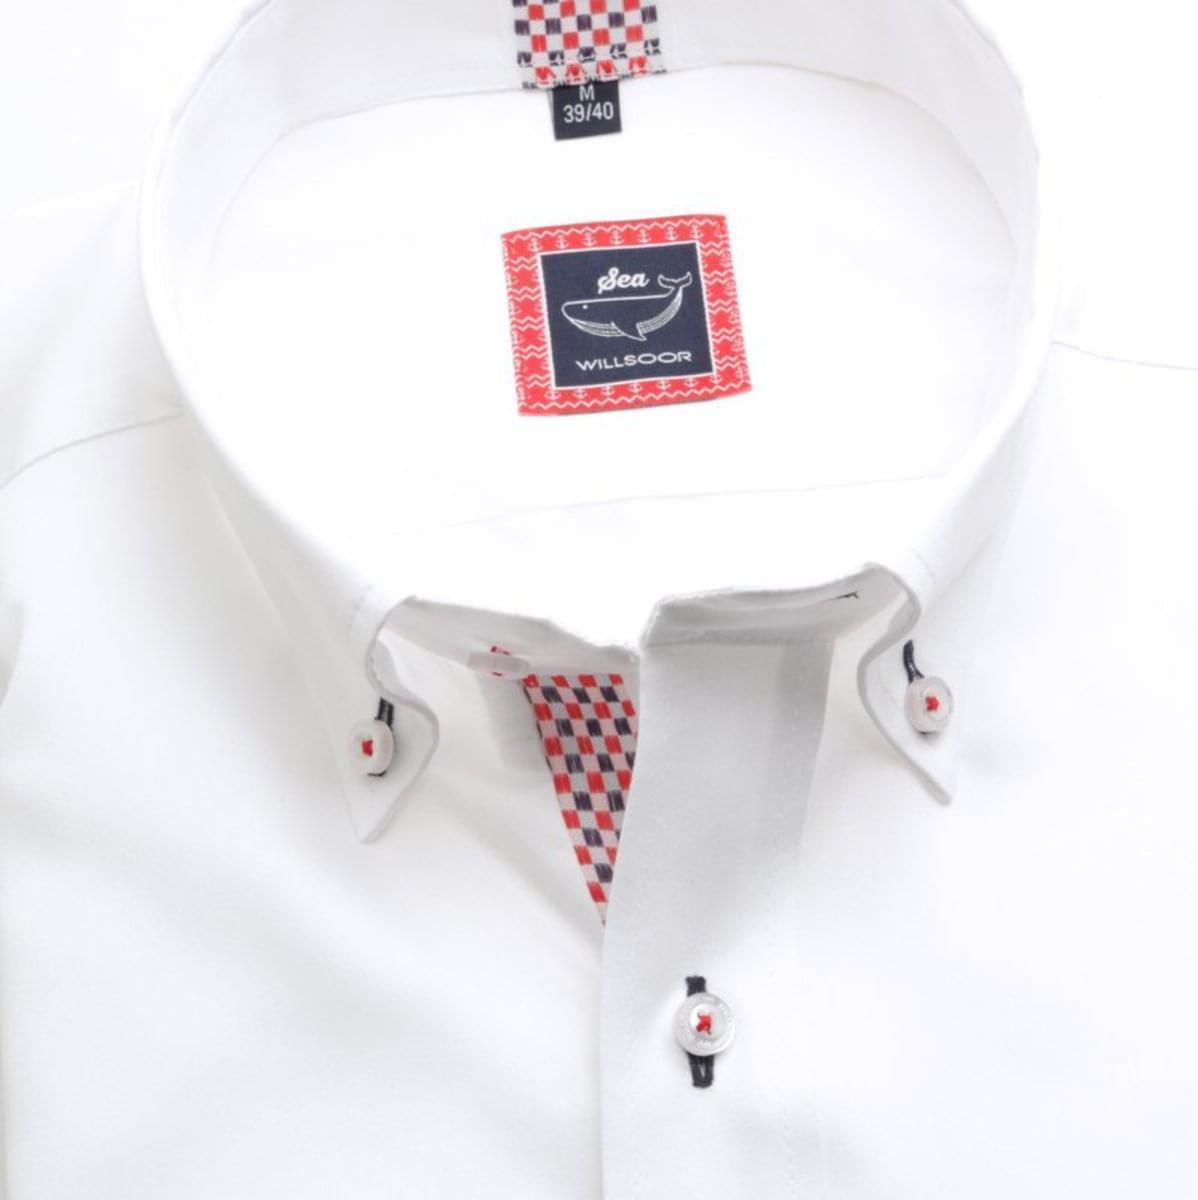 Pánská slim fit košile (výška 188-194) 7114 v bílé barvě s formulí Easy Care 188-194 / L (41/42)